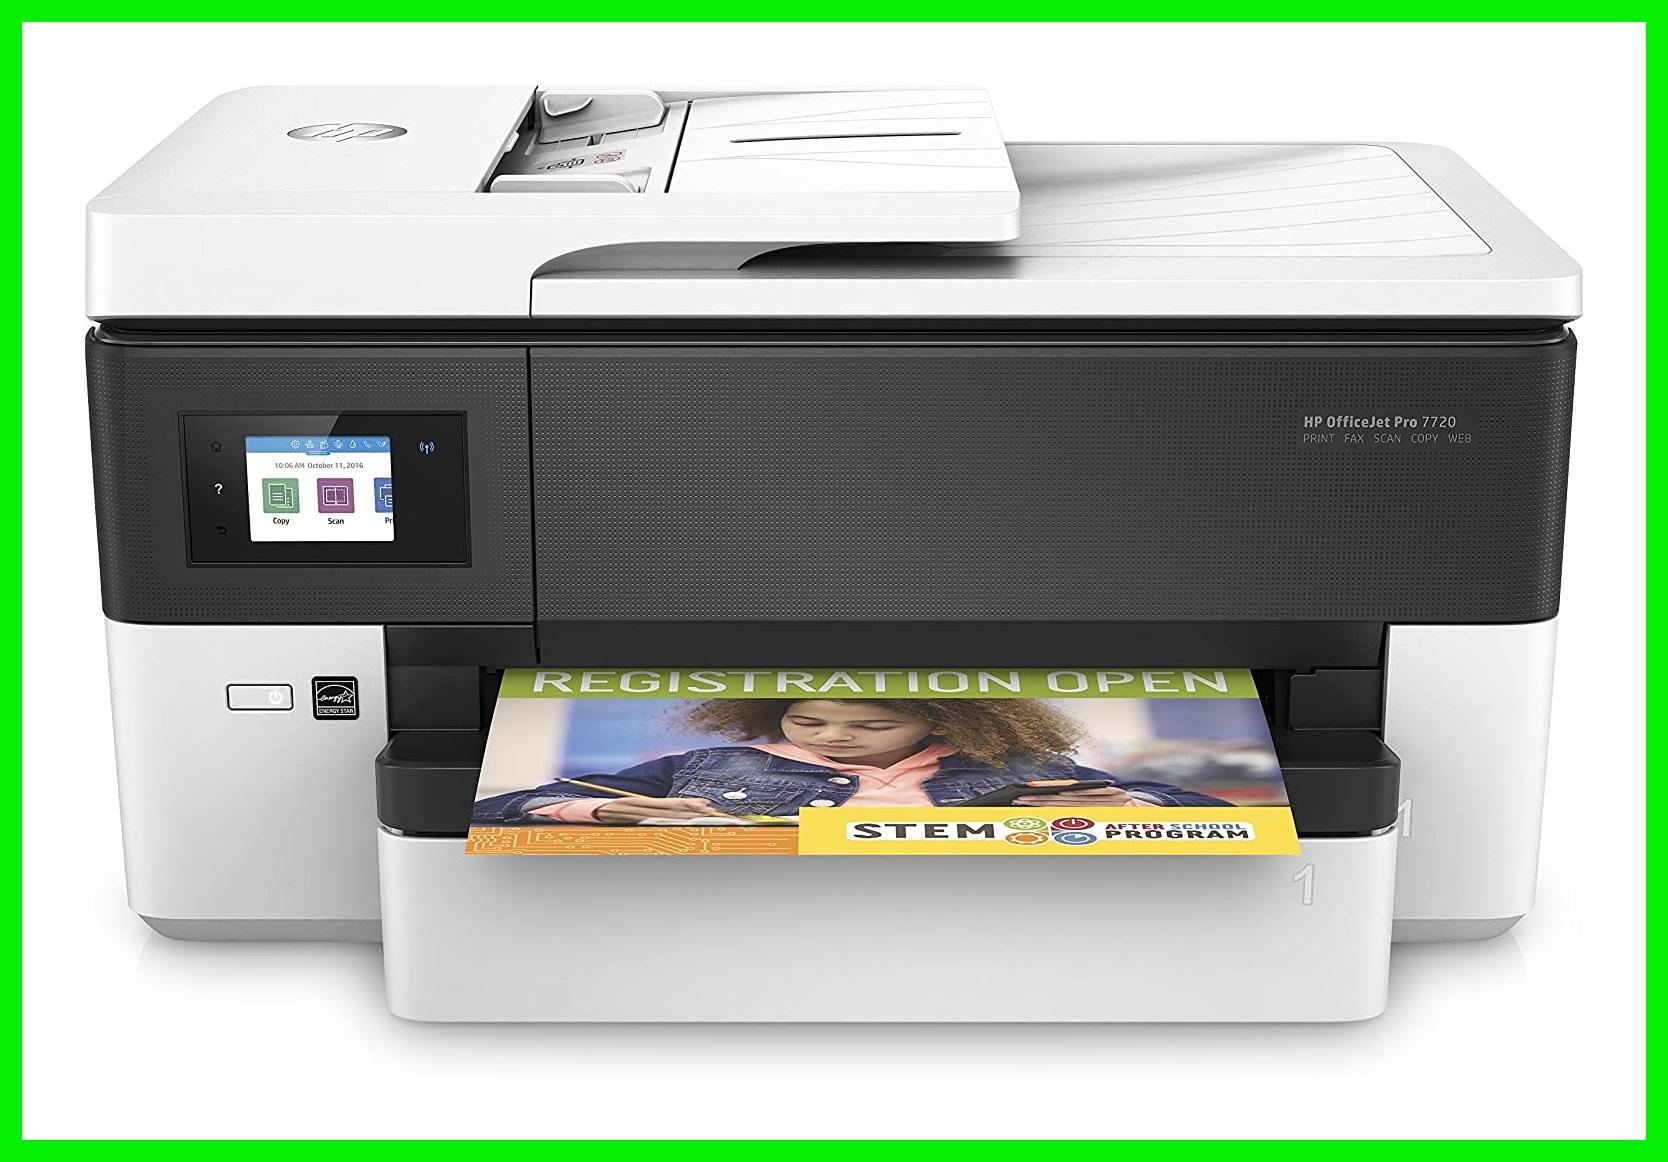 HP 7720 Officejet Pro: la impresora versátil